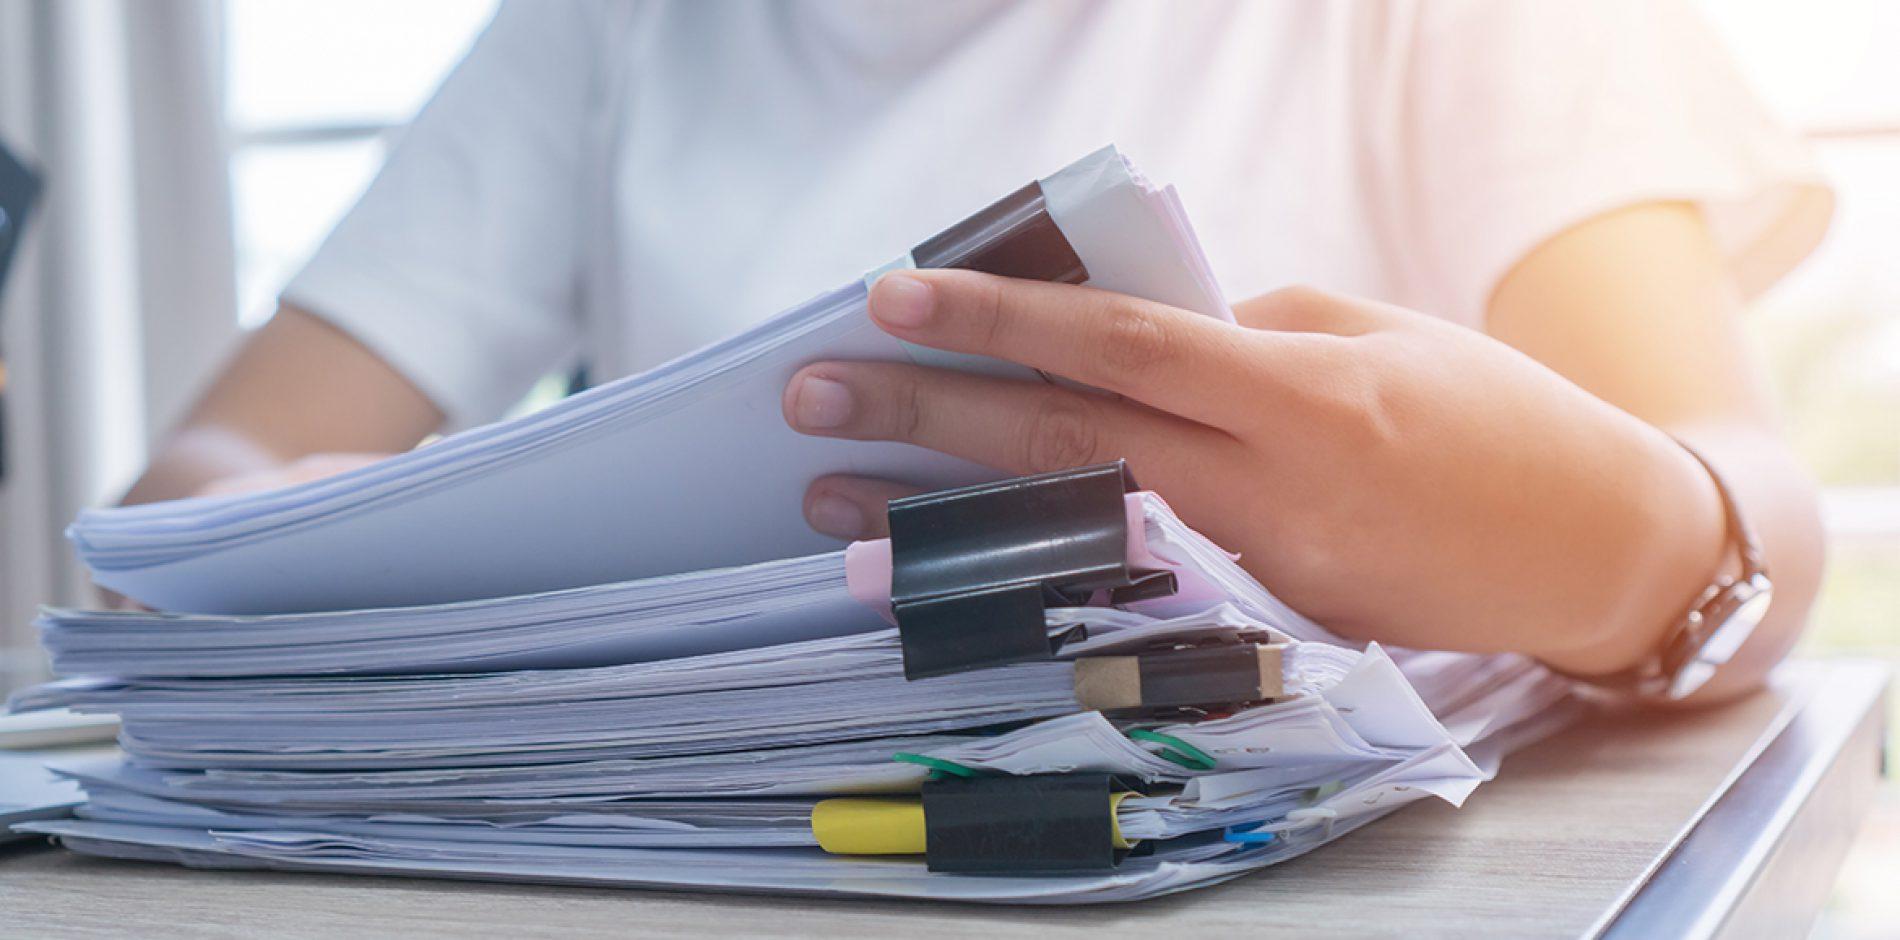 Emersione di rapporti di lavoro irregolari – al via la presentazione delle istanze